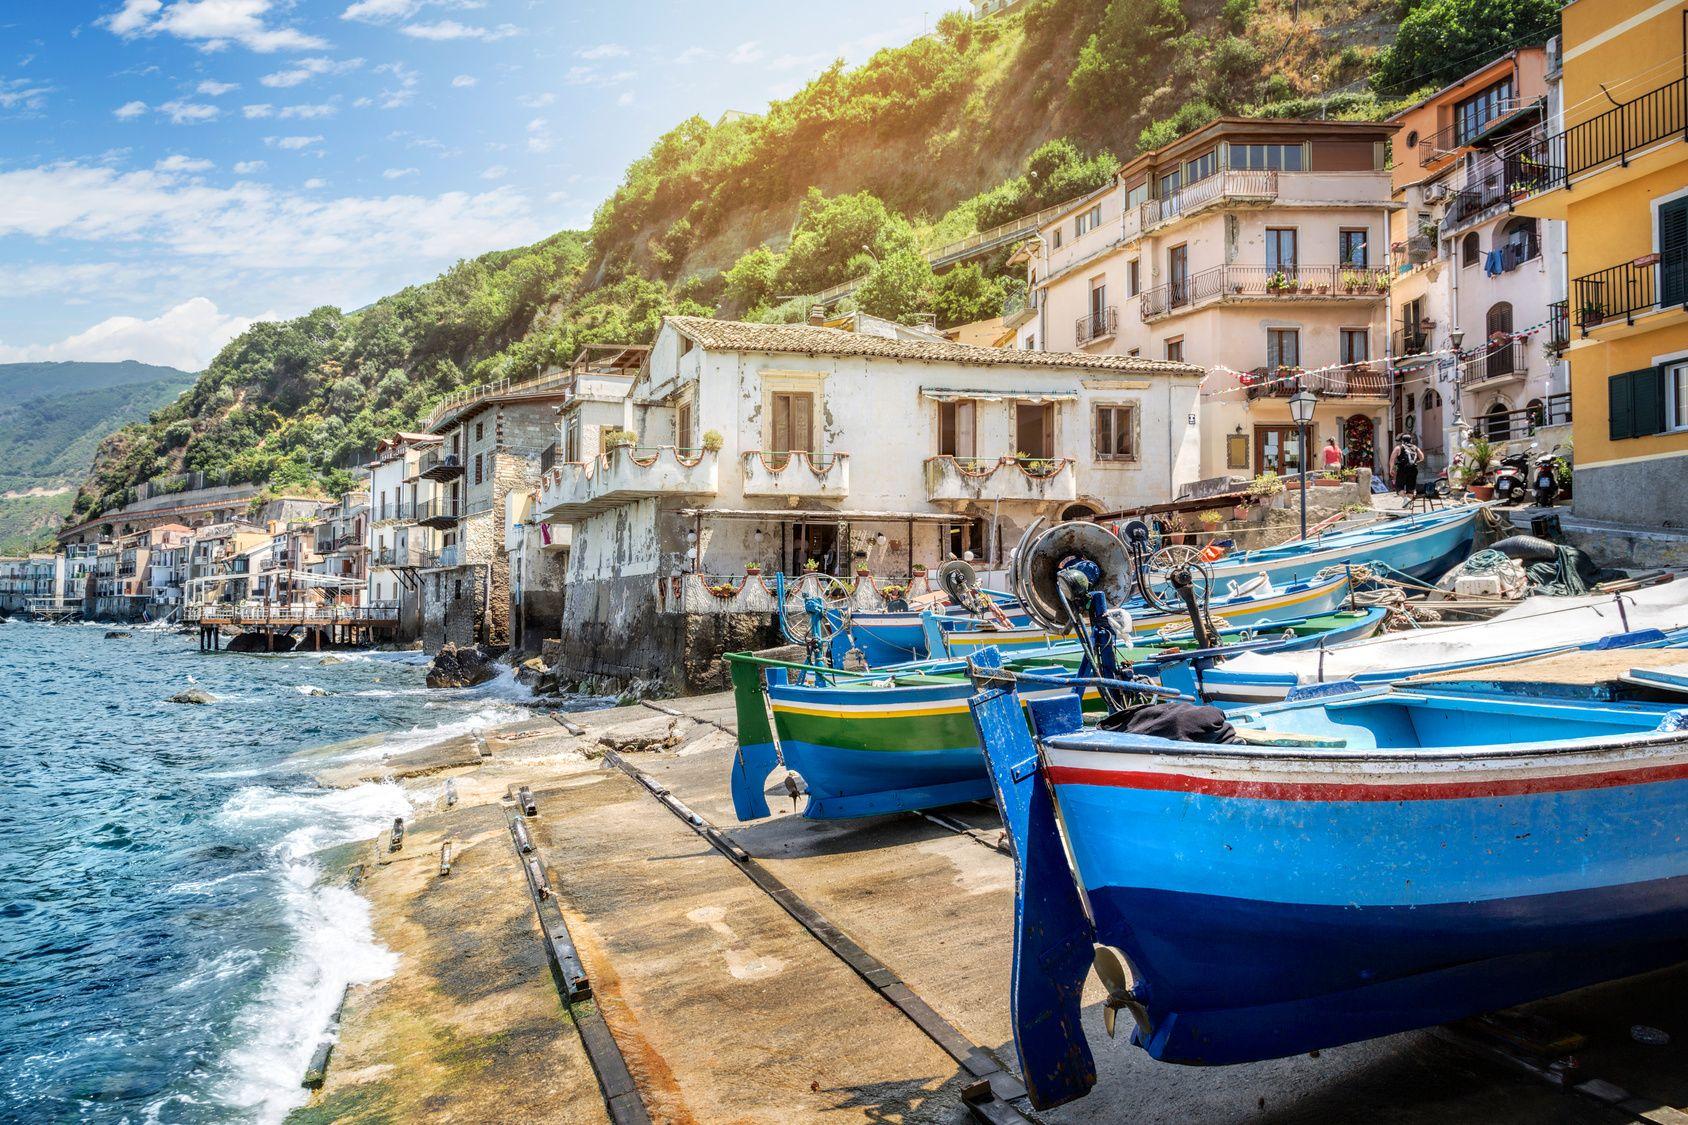 Fishing village in calabria, Scilla, Italy